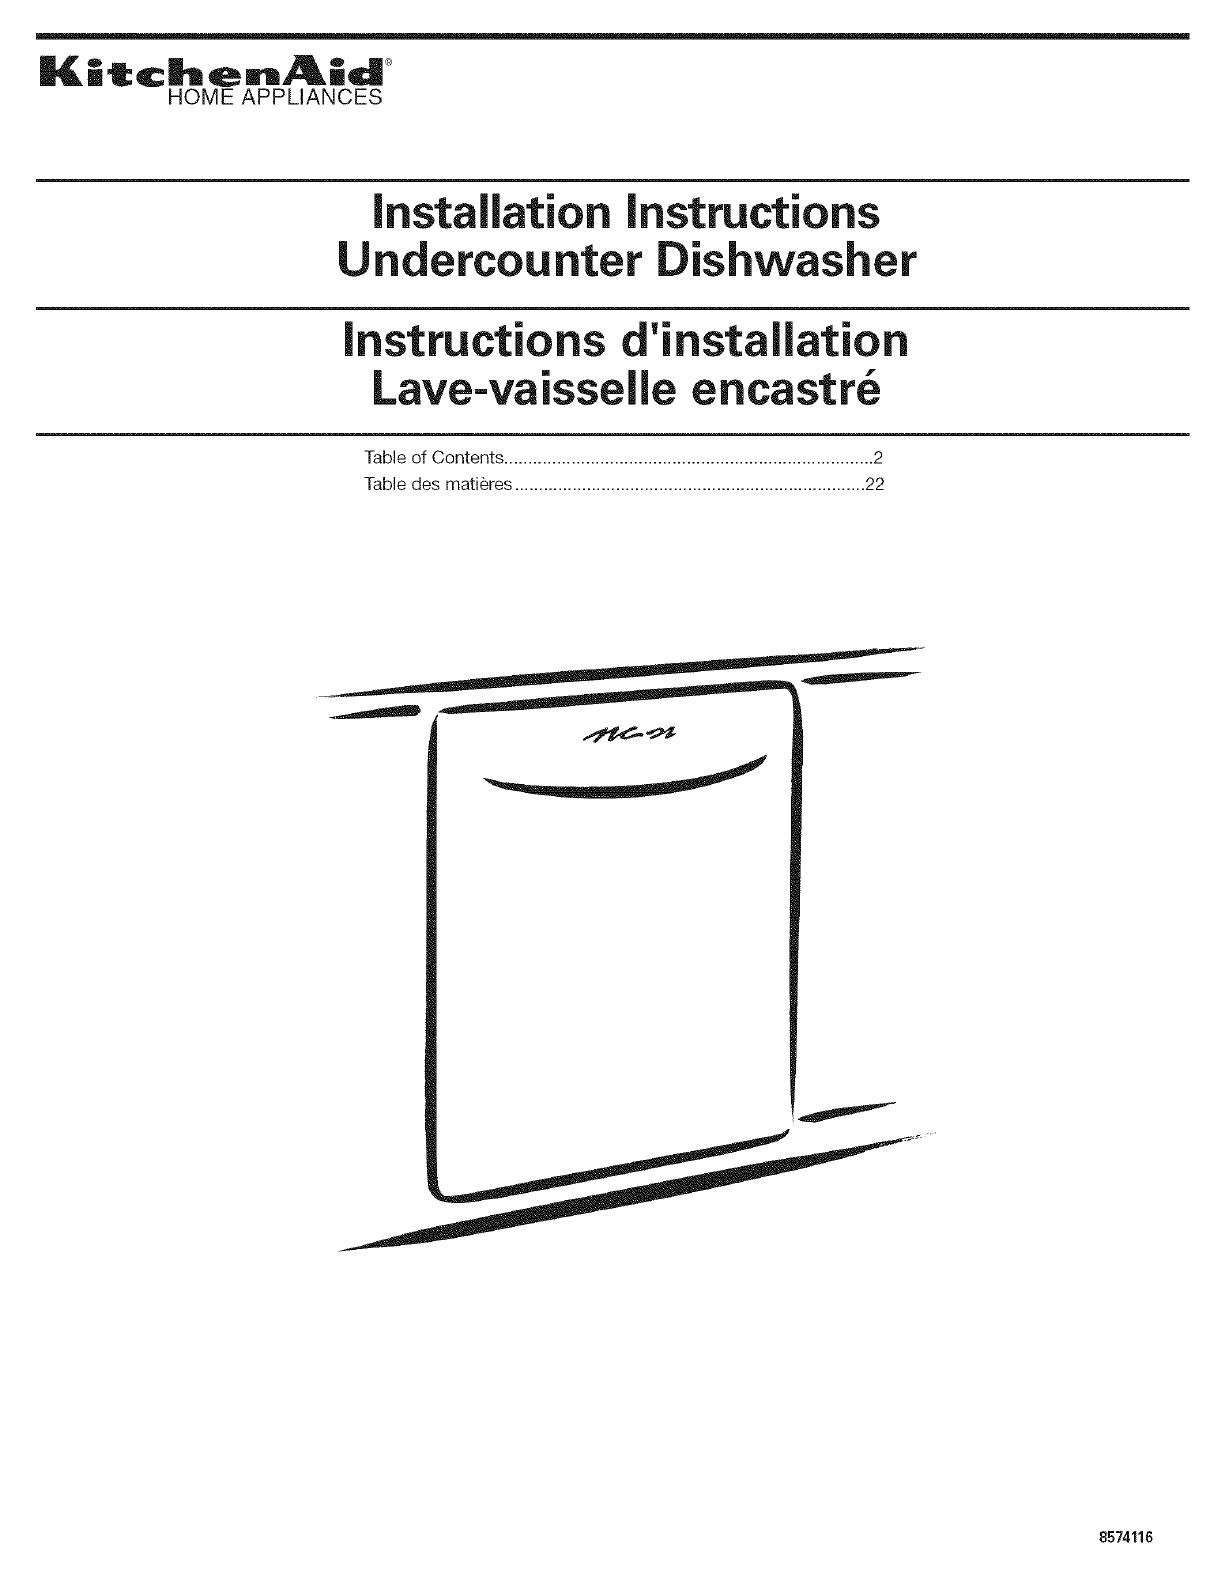 Kitchenaid Kudc02irwh3 User Manual Dishwasher Manuals And Guides Wiring Diagram L0608083